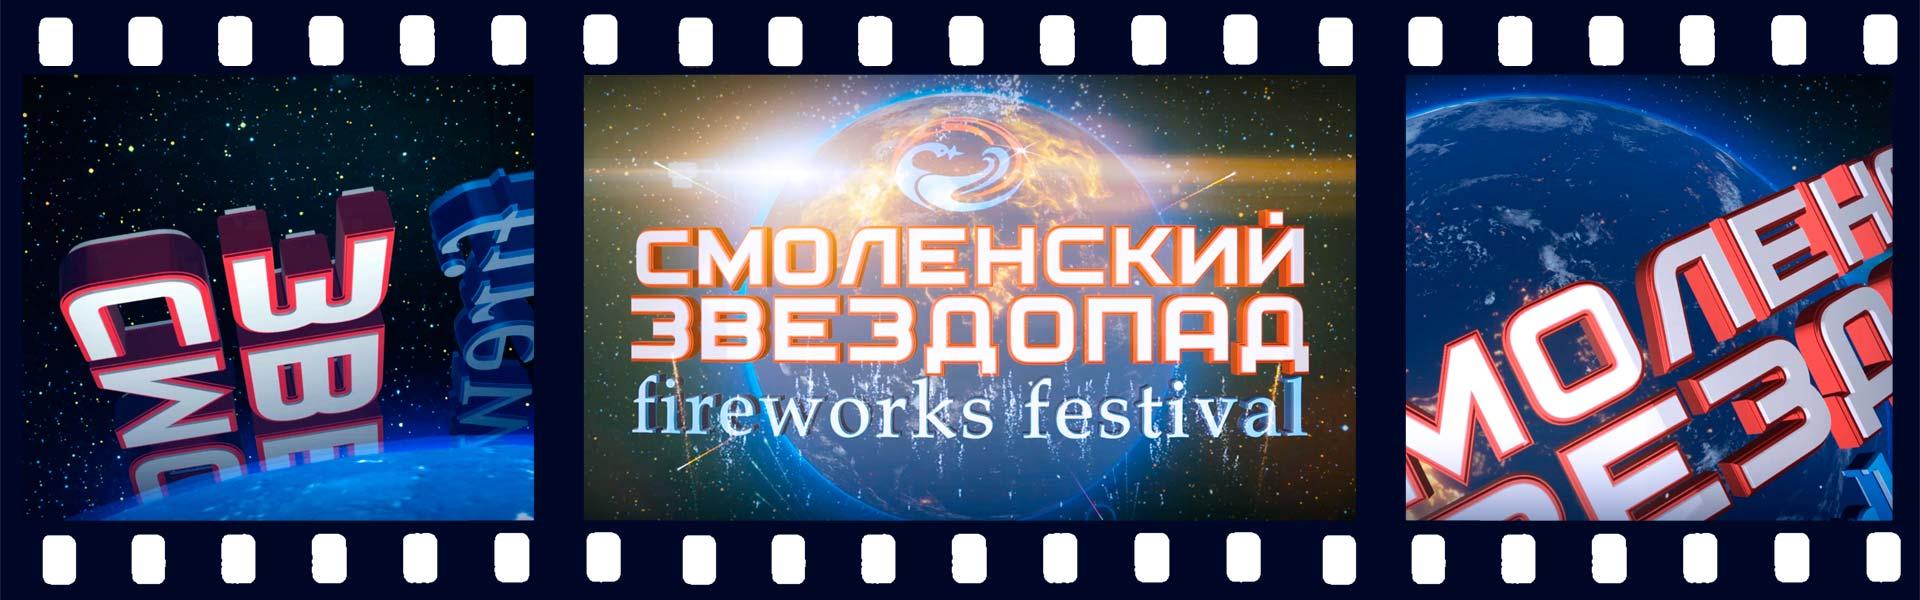 Рекламный графический ролик «Смоленский Звездопад 2016»